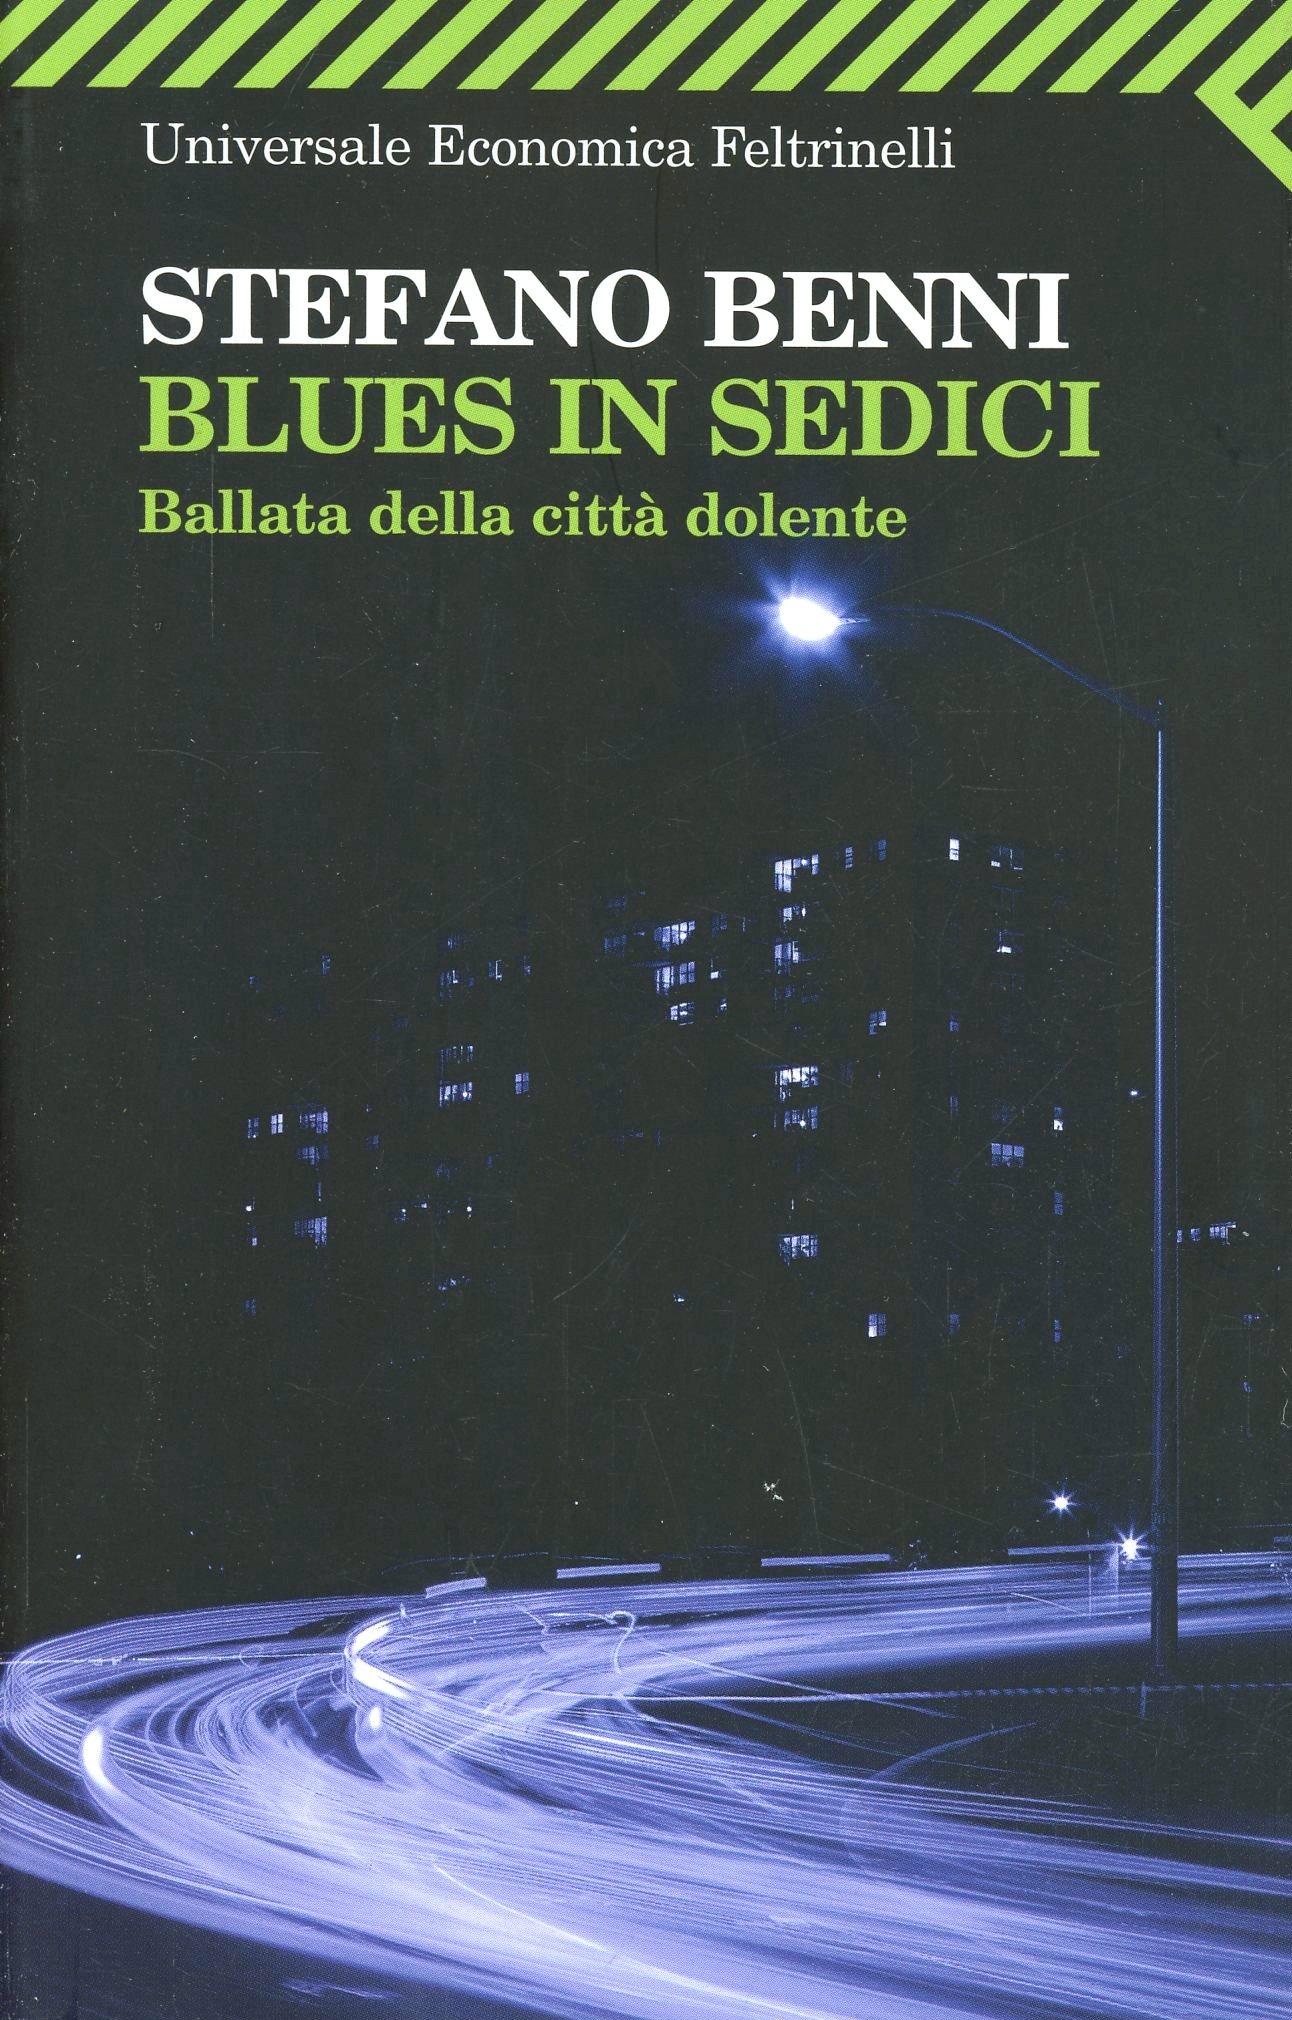 Image of Blues in sedici. Ballata della città dolente